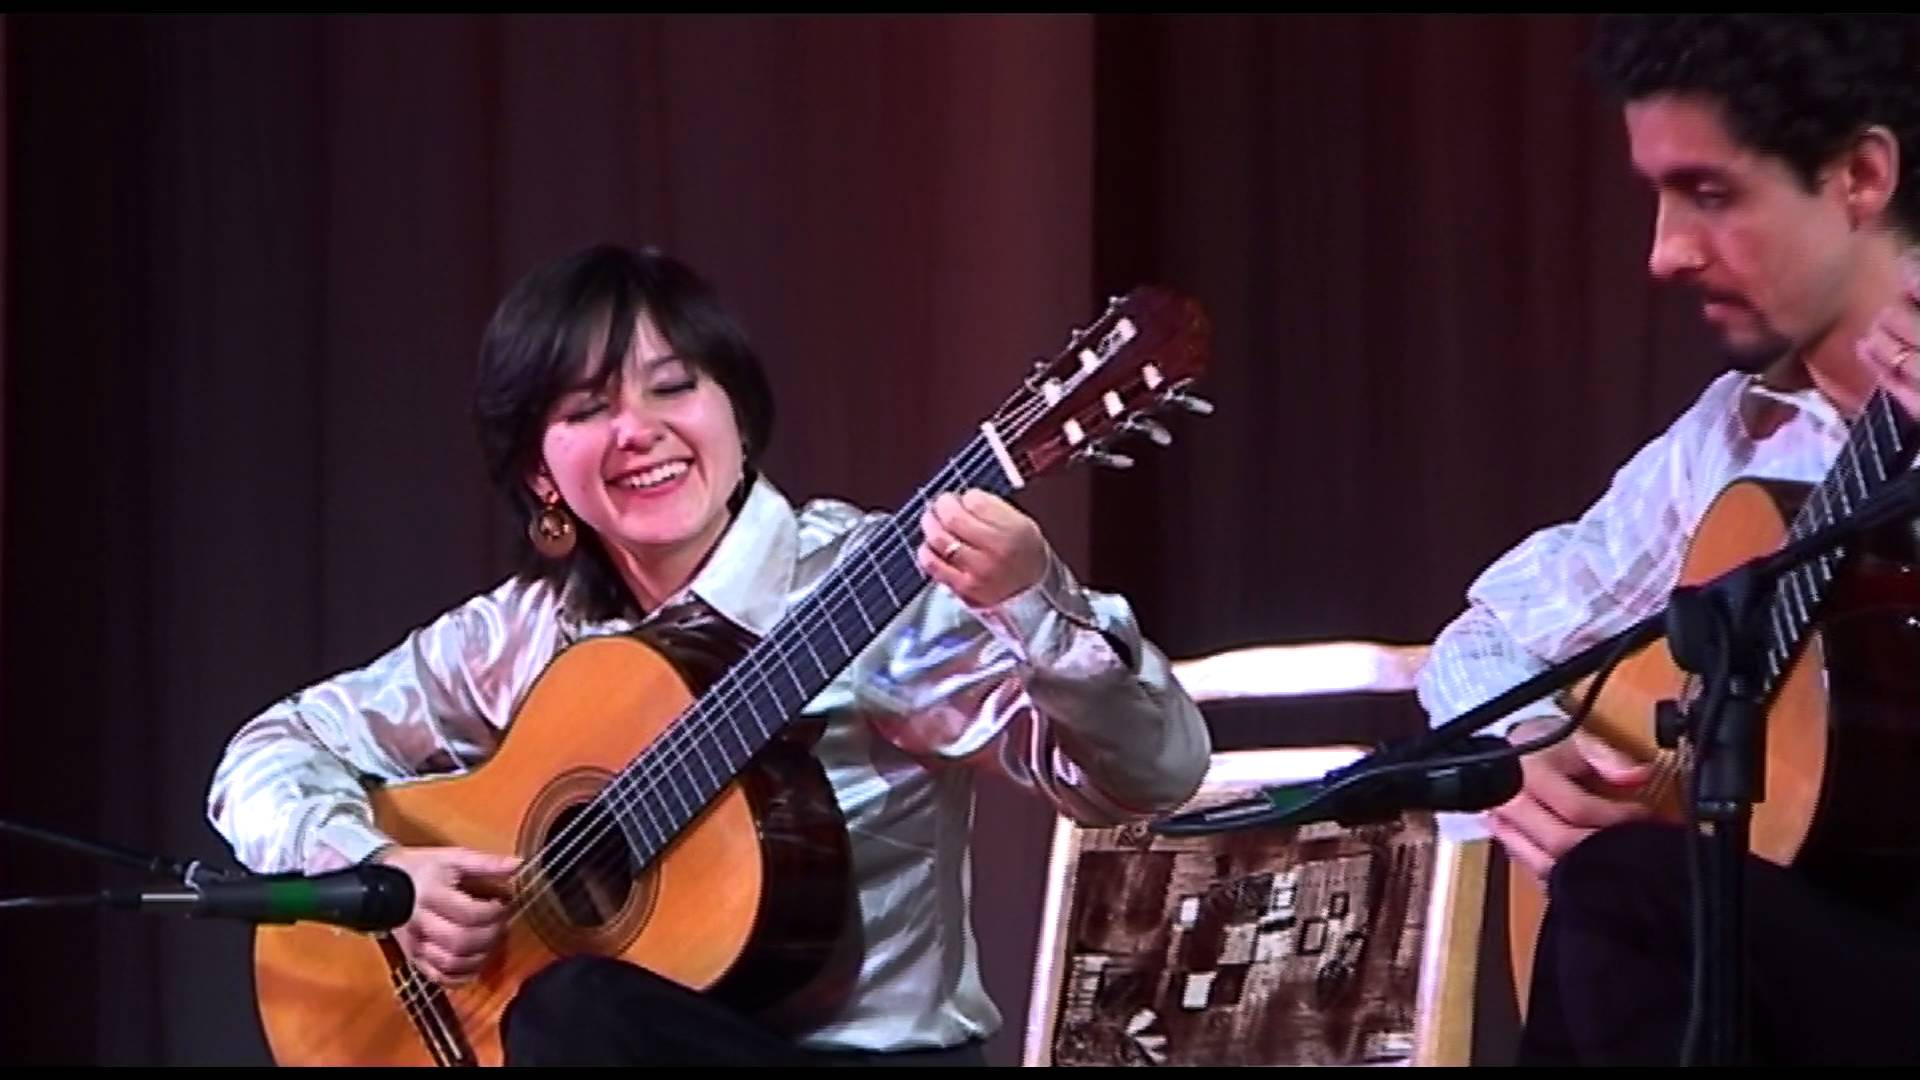 めくるめく躍動感と色彩感! Duo Siqueira Limaが弾くパウエルの『ビリンバウ』